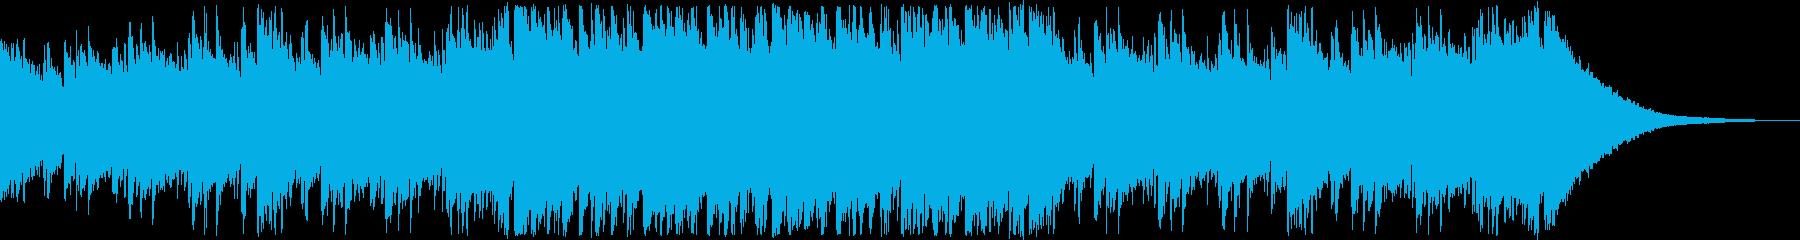 オープニング・エキサイティングな和風曲の再生済みの波形